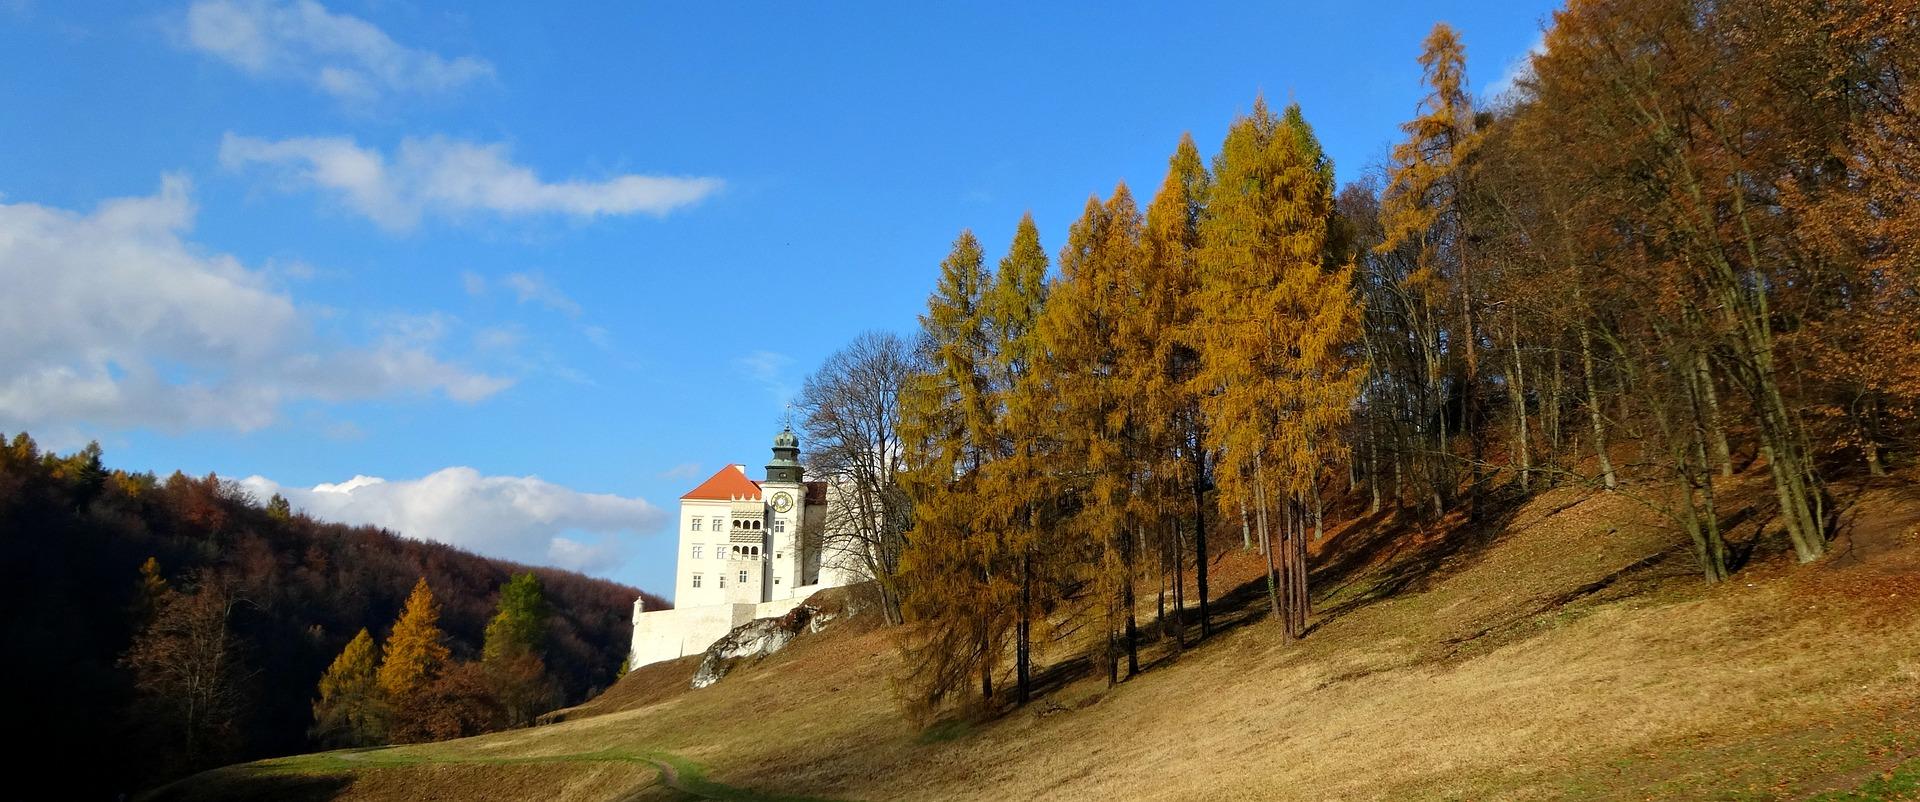 castle-1809495_1920